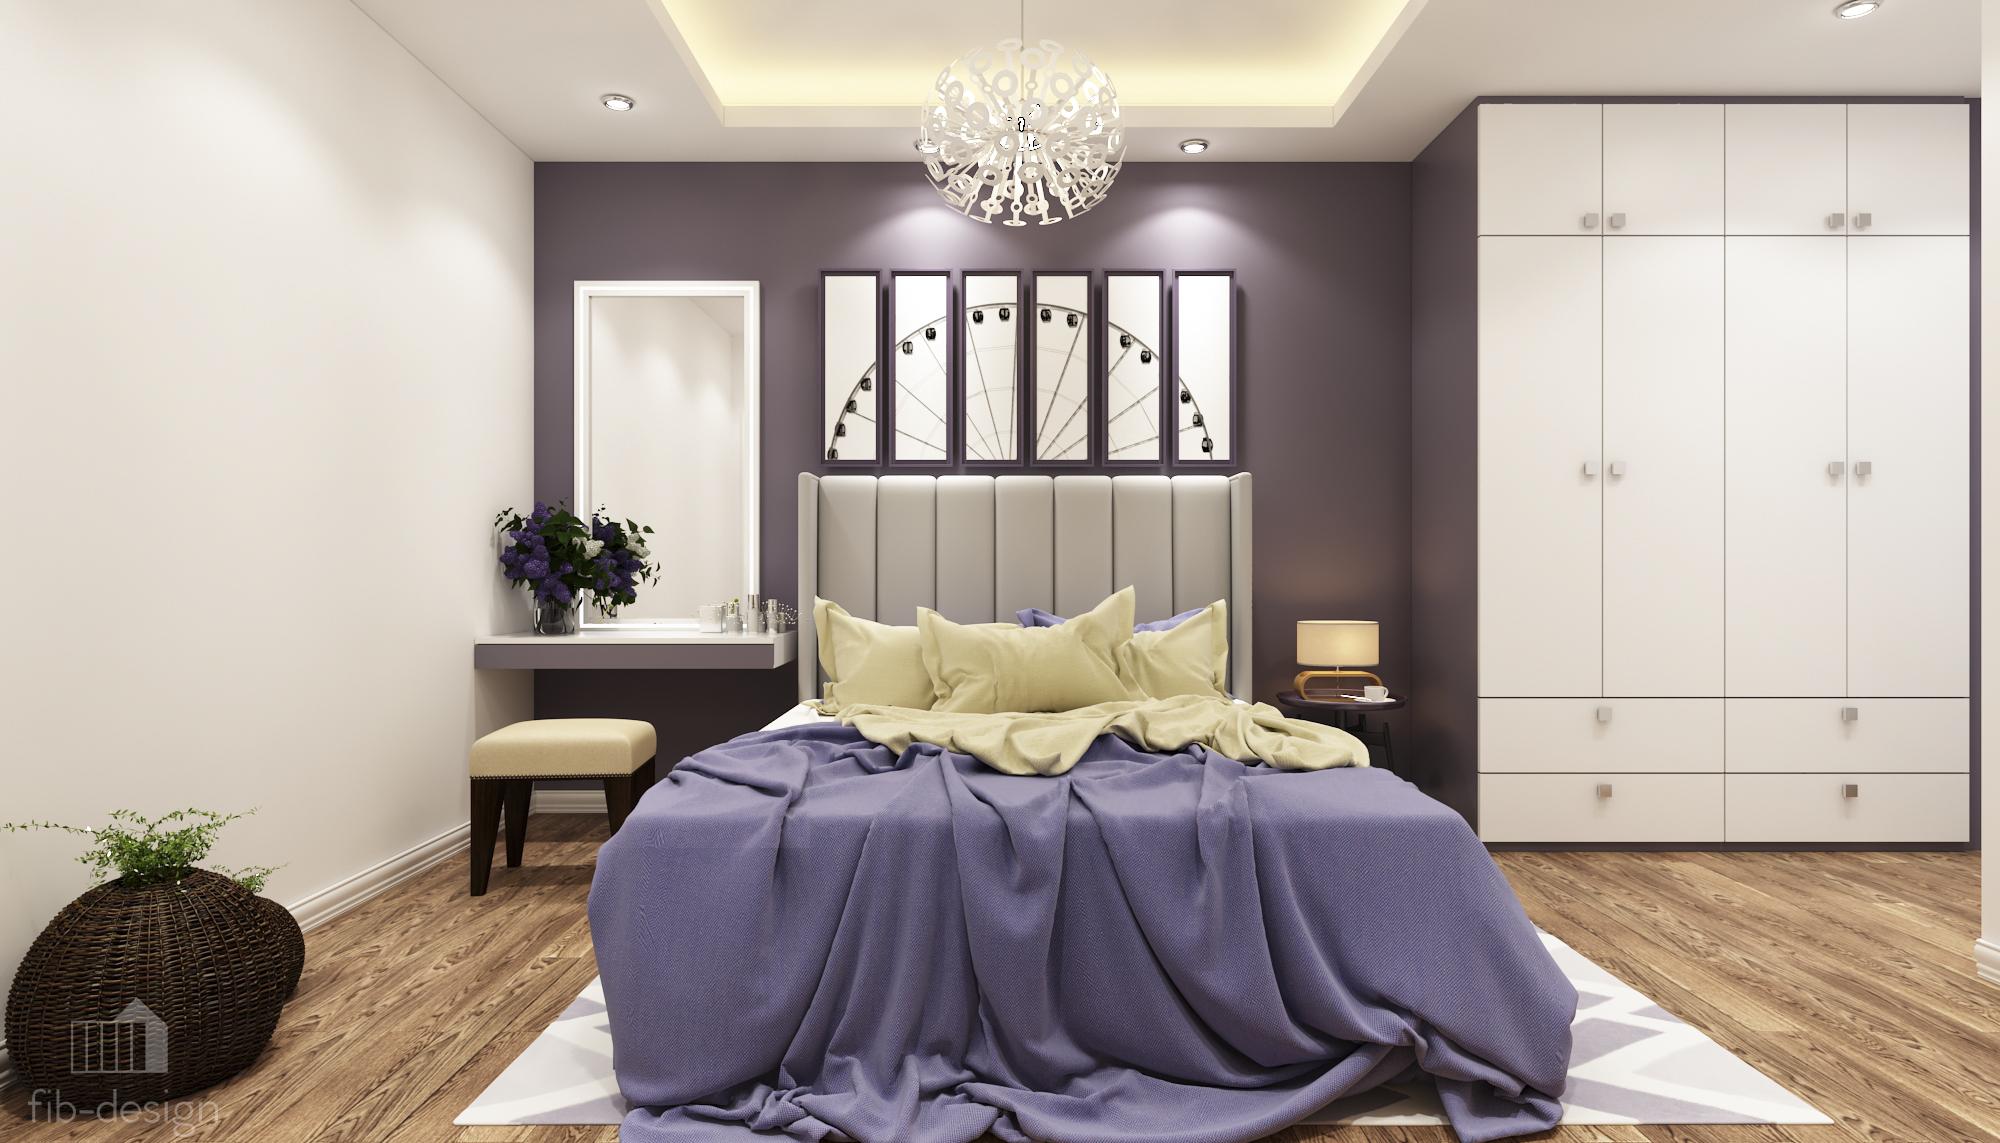 thiết kế nội thất chung cư tại Hà Nội P714 Chung cư GOLDSiLK 10 1544083443